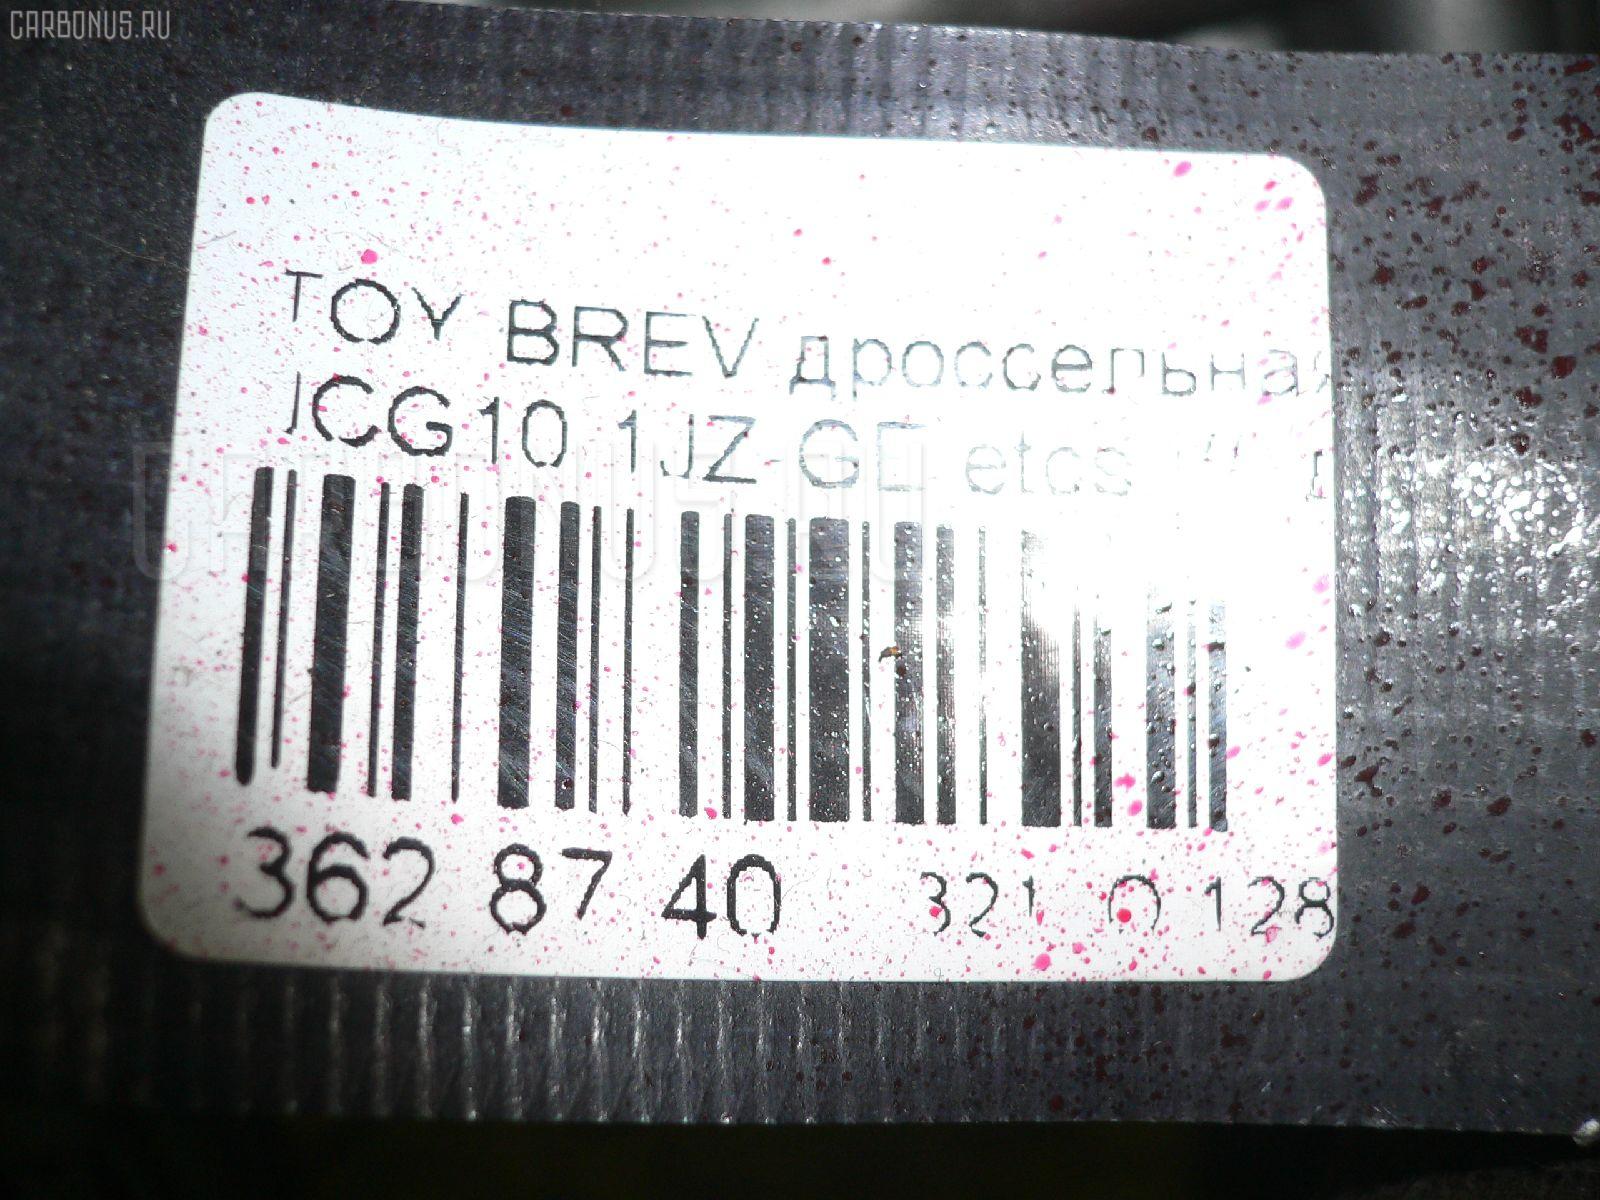 Дроссельная заслонка TOYOTA BREVIS JCG10 1JZ-GE Фото 10